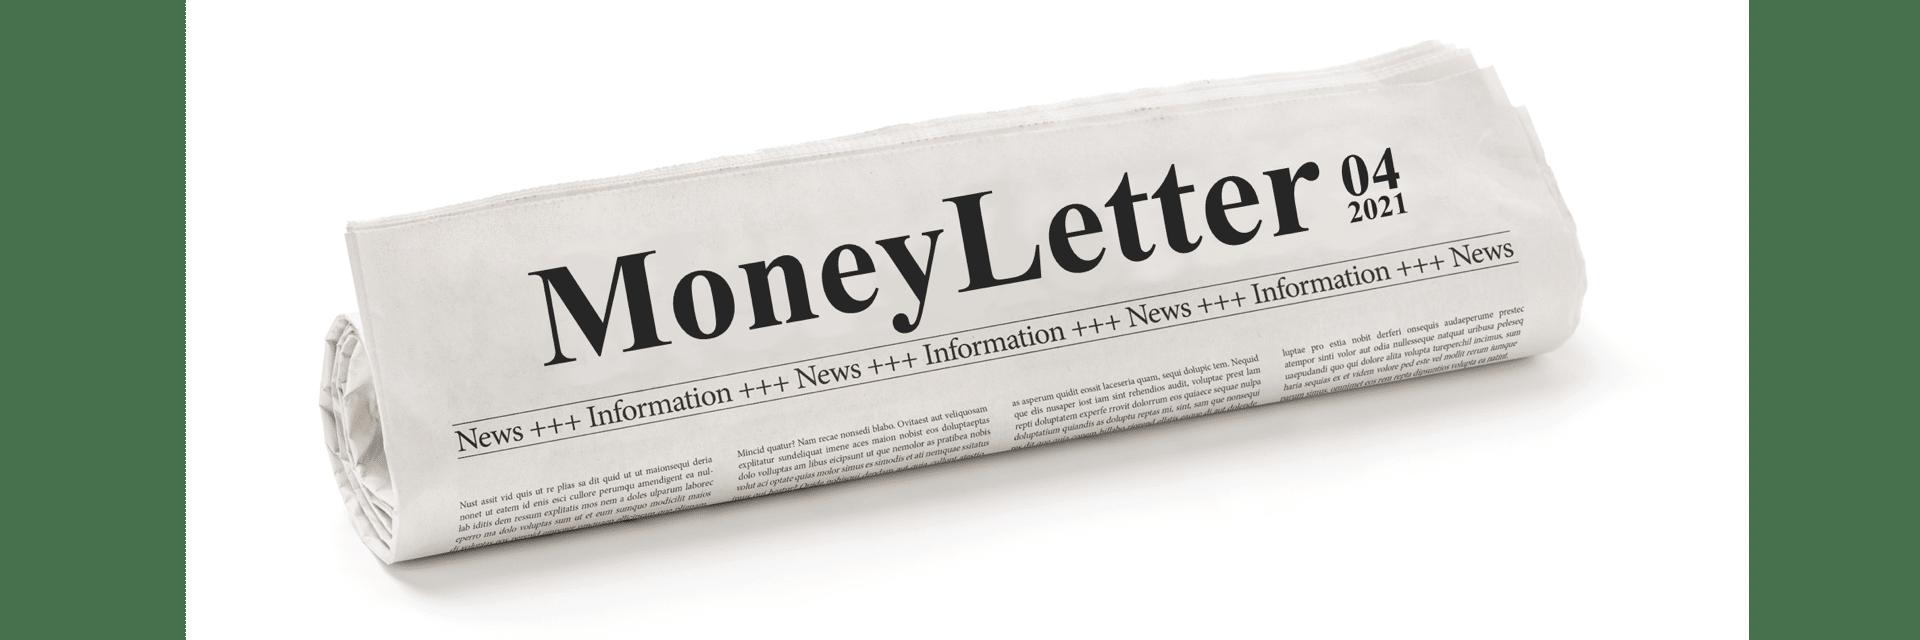 revaluate Moneyletter Header 1